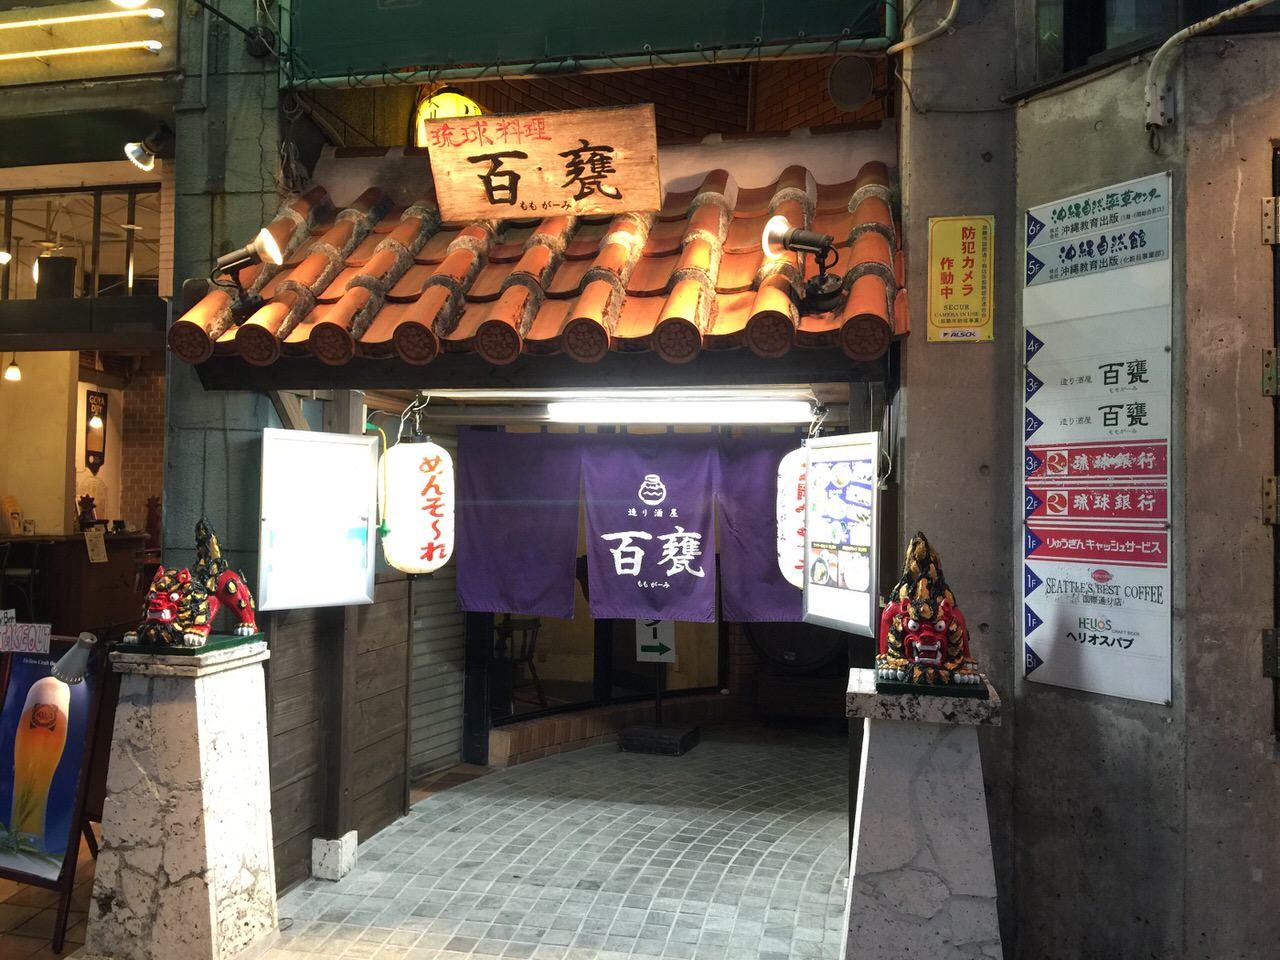 「百甕(ももがーみ)」沖縄のクラフトビールが飲み比べできる沖縄料理の店